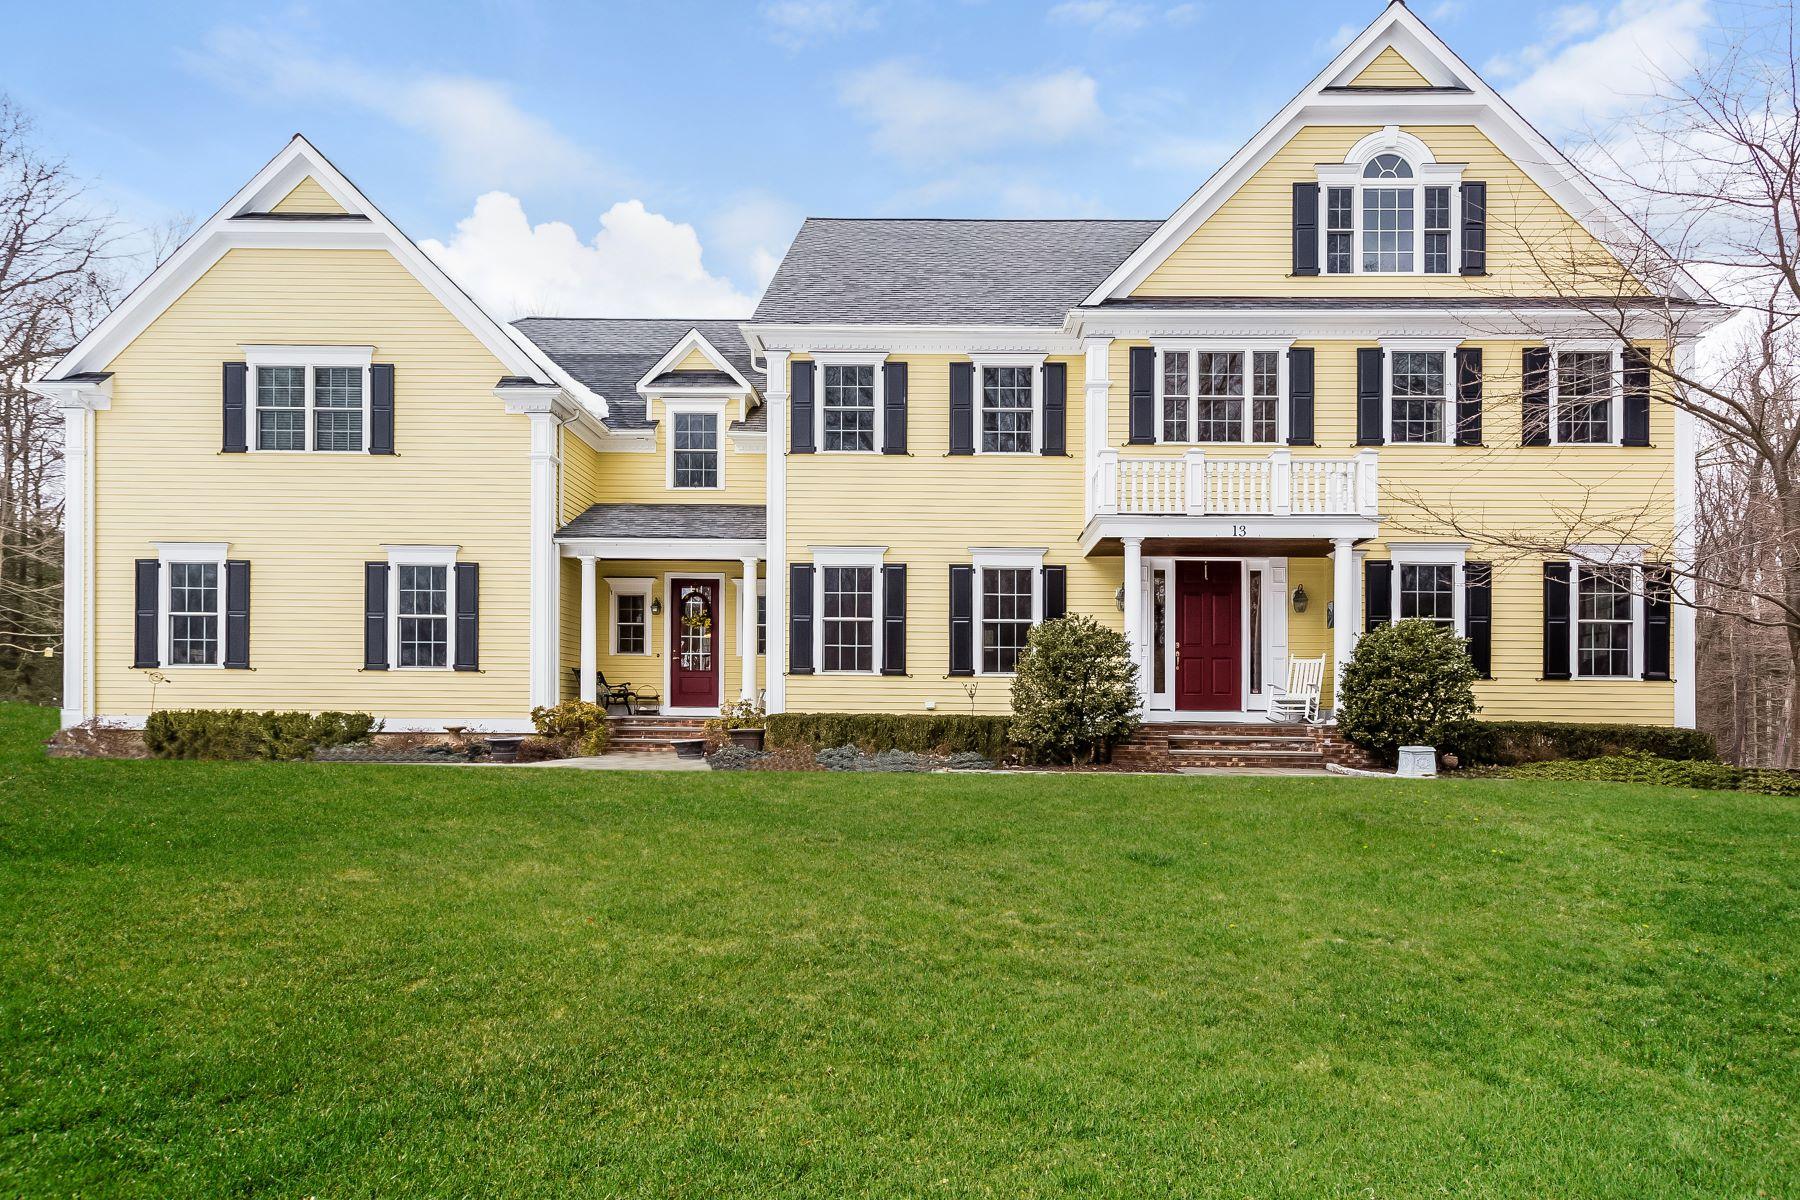 واحد منزل الأسرة للـ Sale في Extraordinarily Custom Built Home 13 Belden Hill Road, Brookfield, Connecticut, 06804 United States